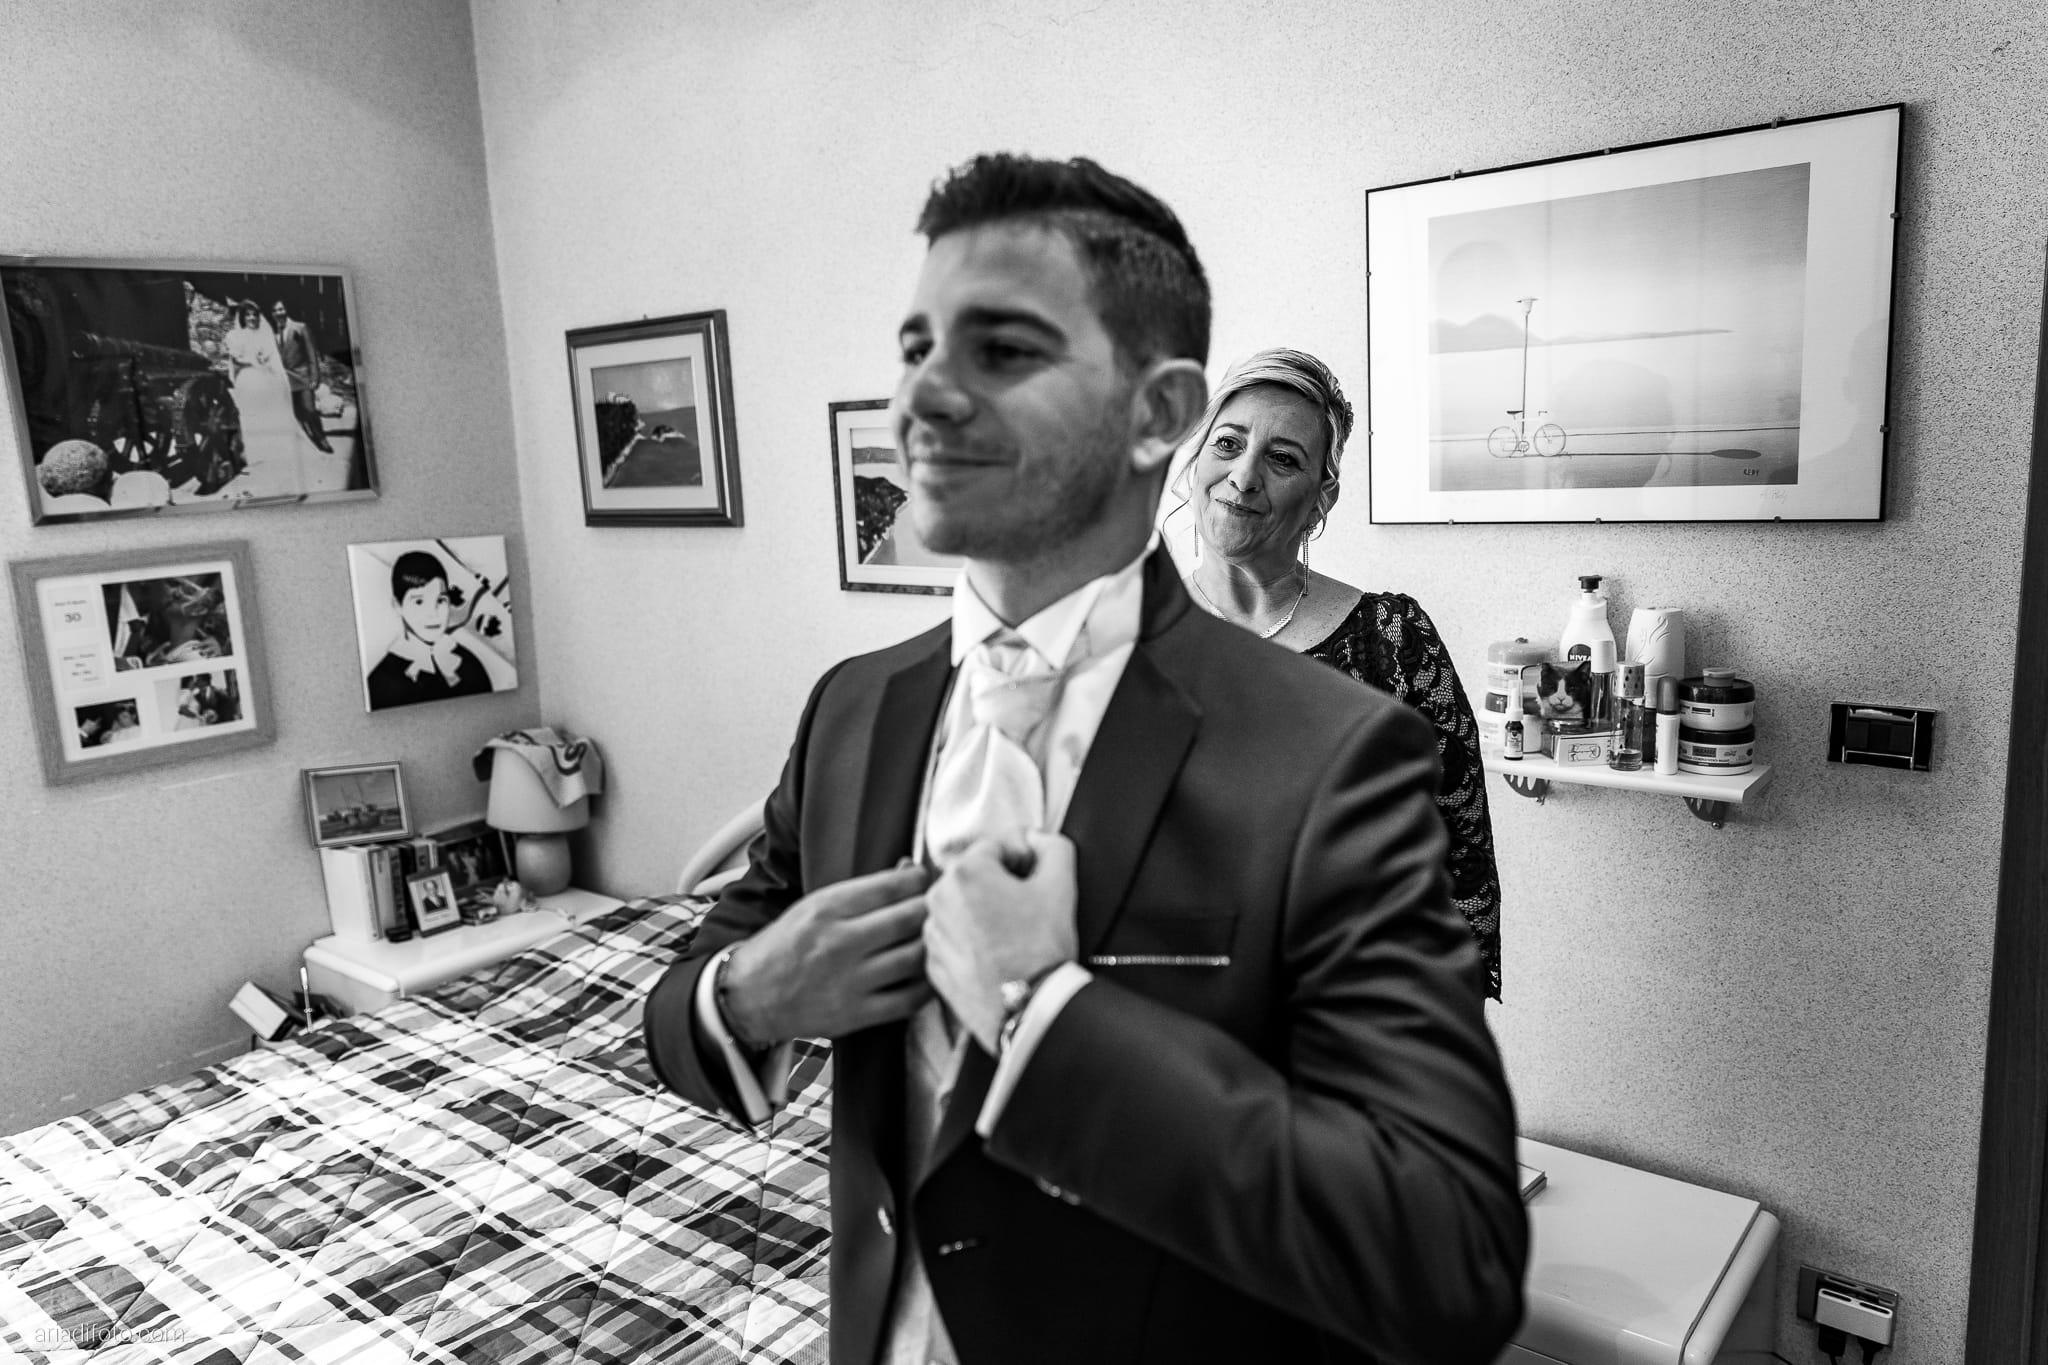 Giulia Alessandro Matrimonio Duino Trieste Baronesse Tacco San Floriano Del Collio Gorizia preparativi sposo vestizione